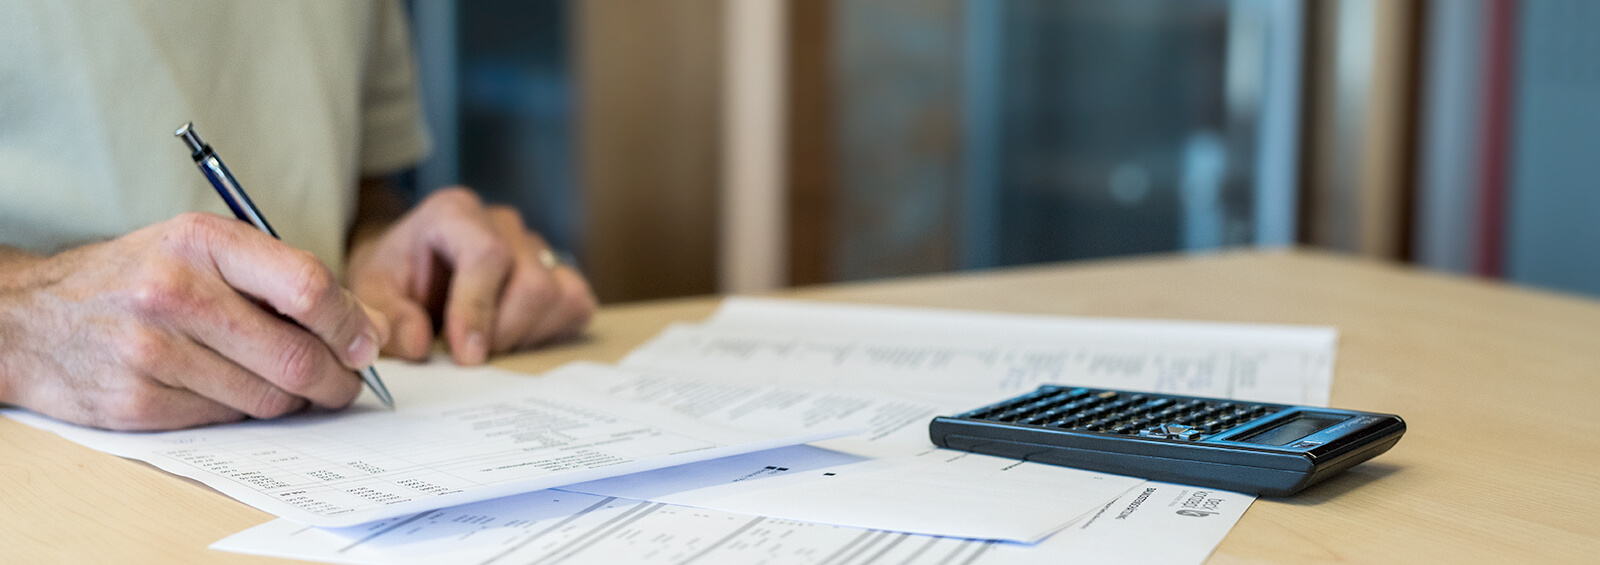 Beck konzept ag raumeinrichtung mit kostendisziplin for Innenarchitektur planung